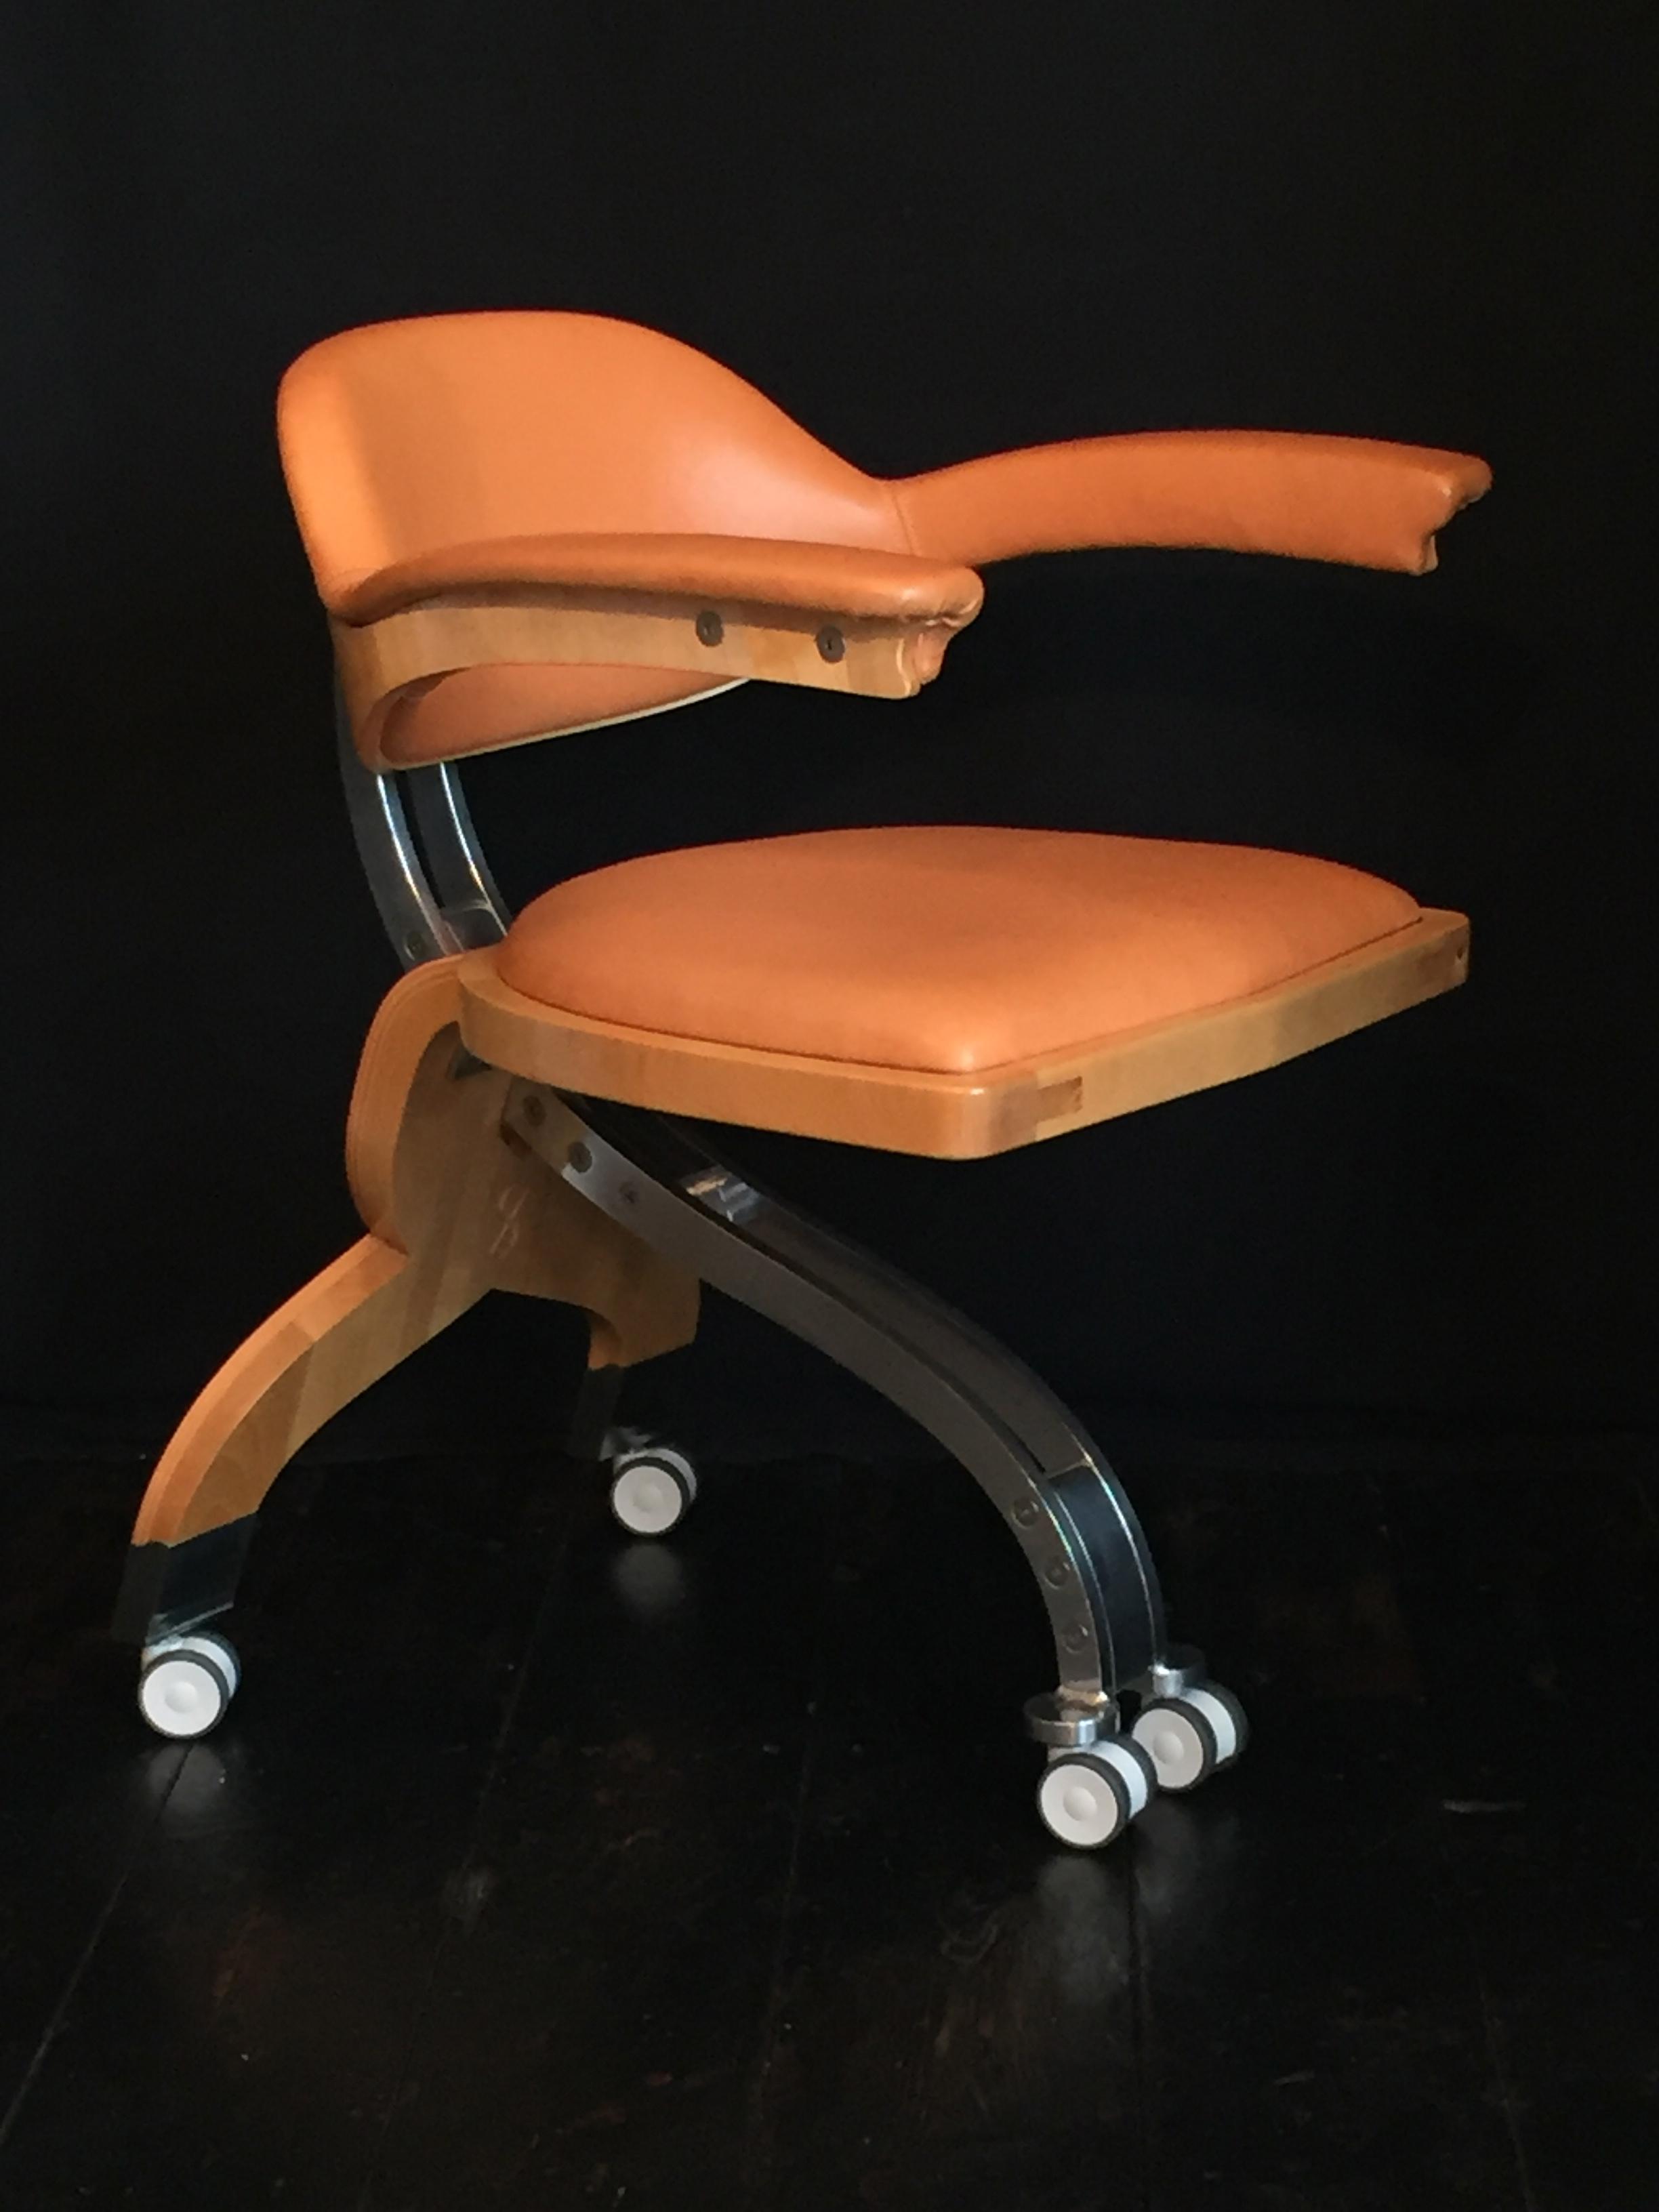 Riunióne desk chair